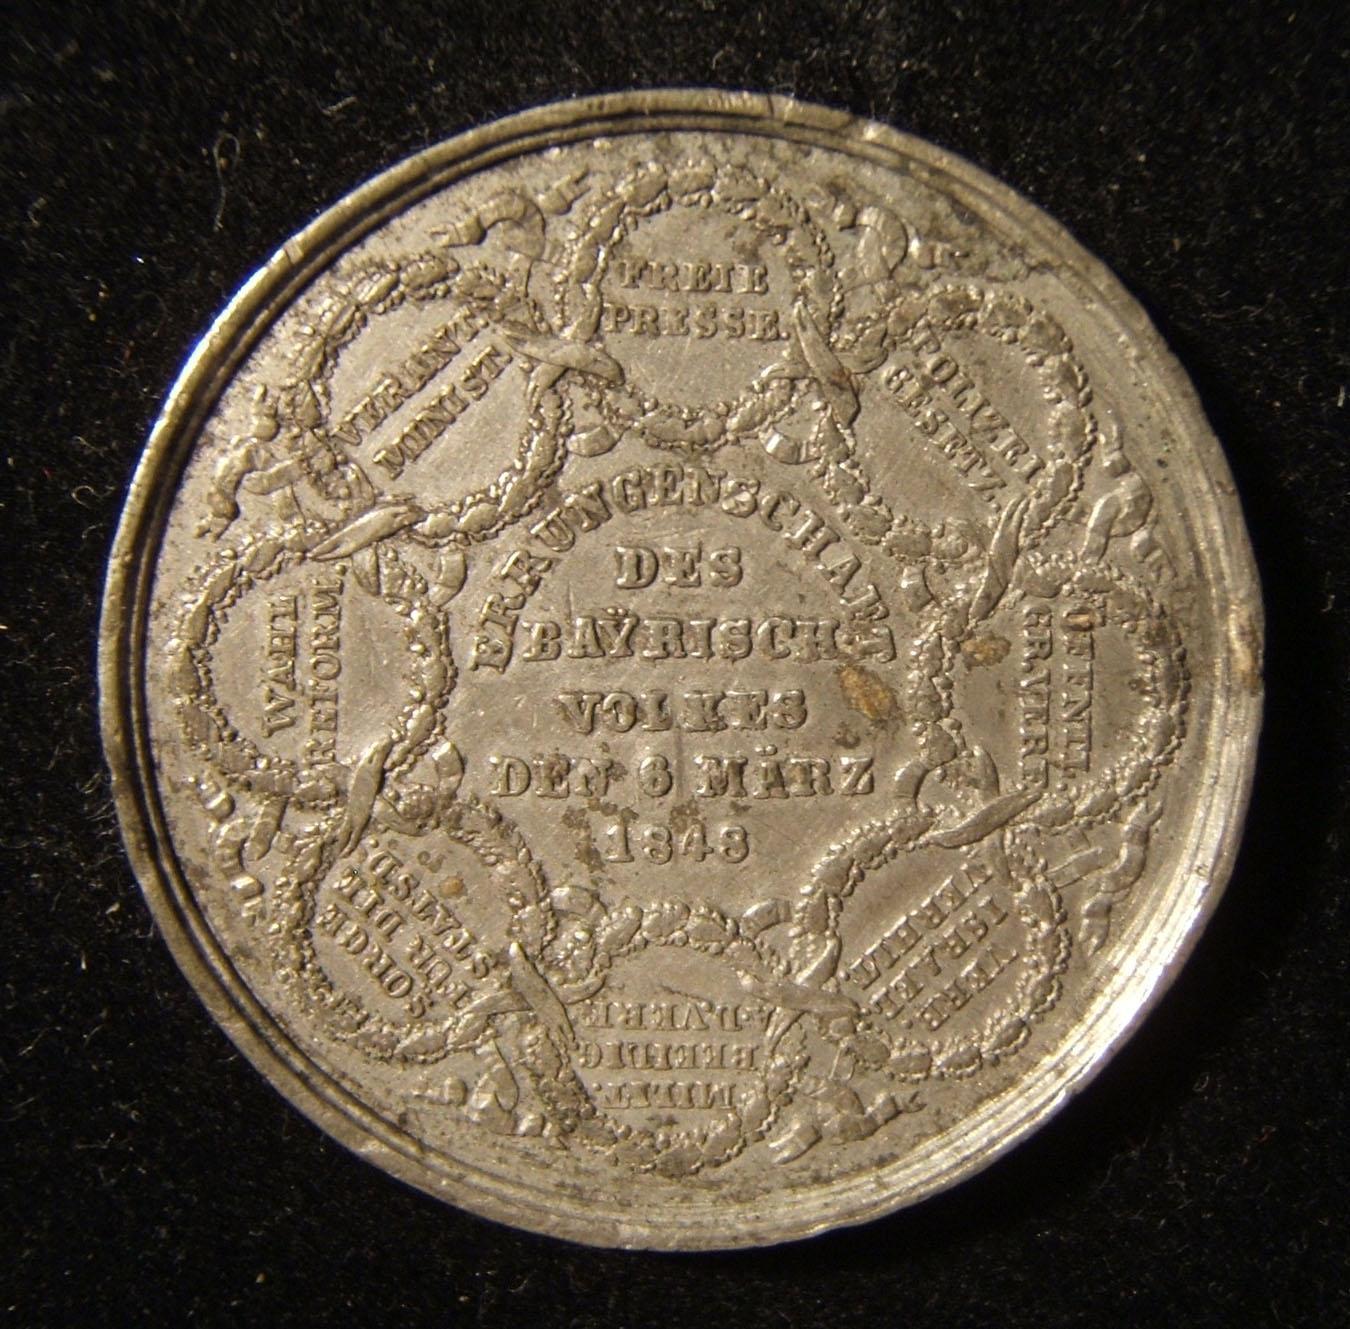 Deutschland: Gedenkmedaille der deutschen Revolution 1848; von Drentwett; geprägt aus Zinn; Größe: 37,5 mm; Gewicht: 16,65 g. Vorderseite, Beschriftung: